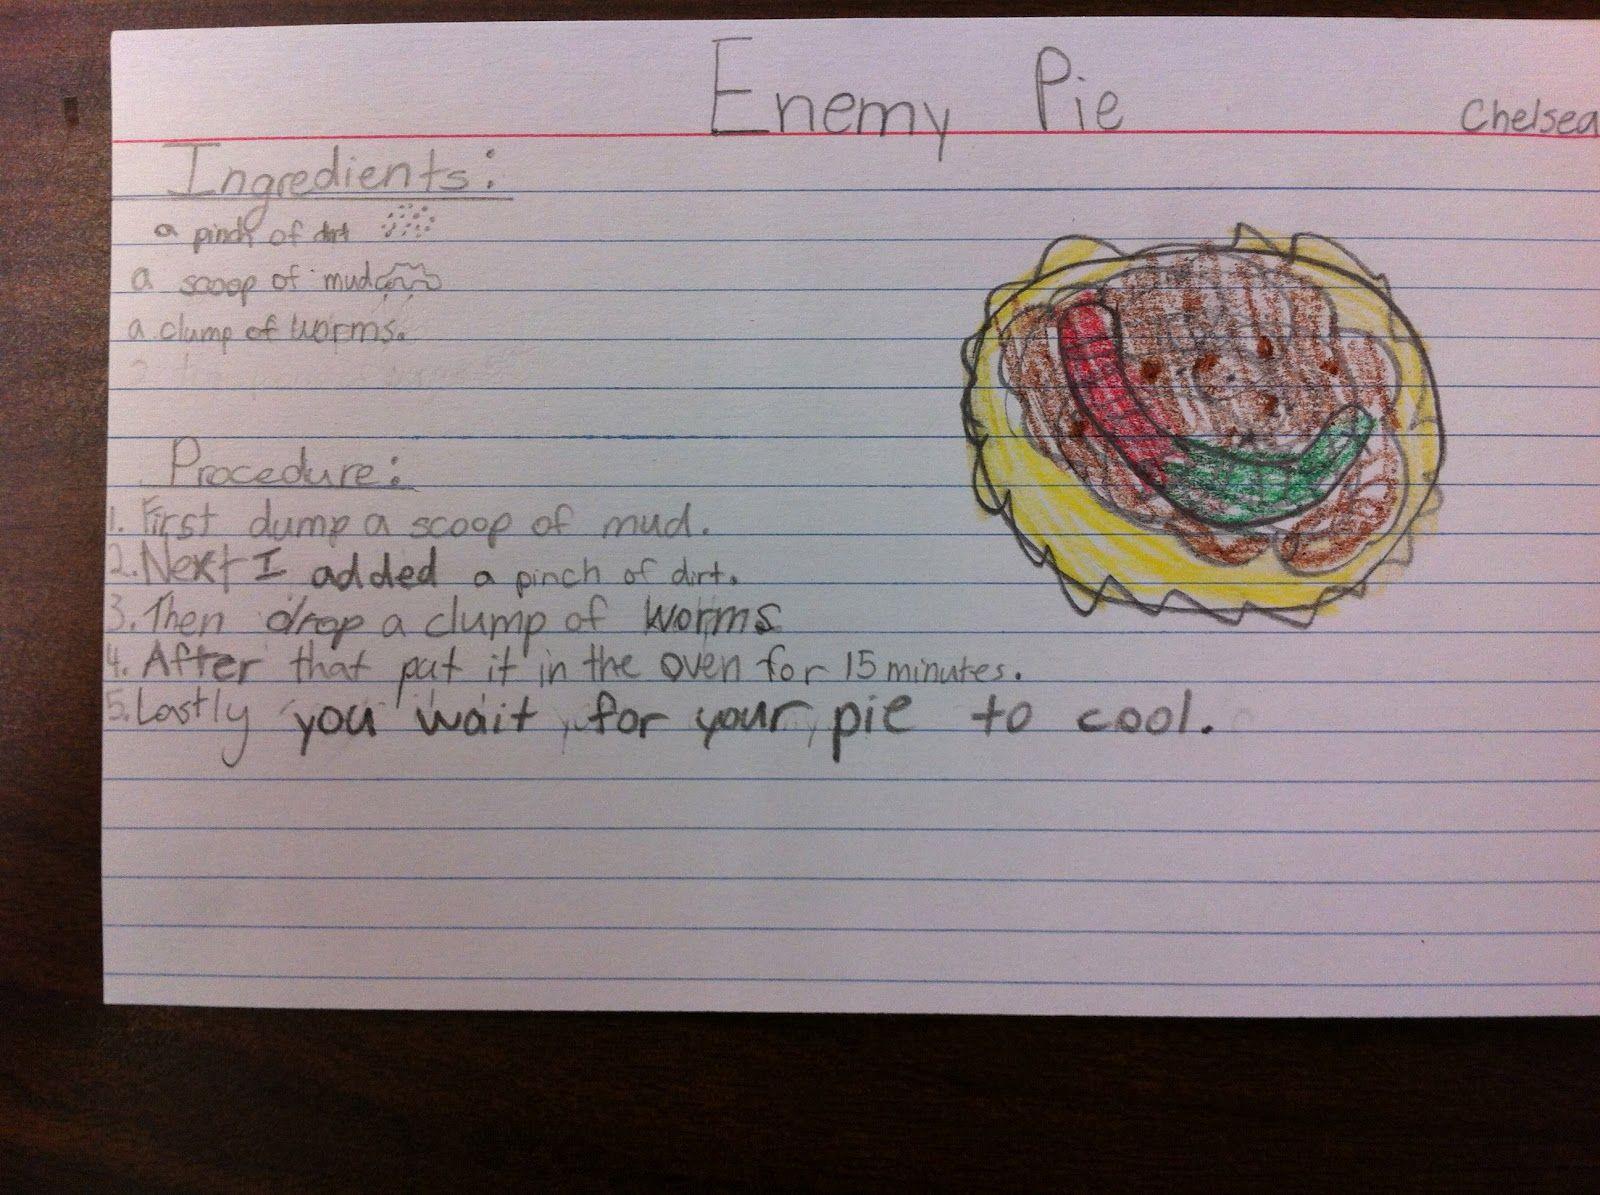 Enemy Pie Friendship Pies